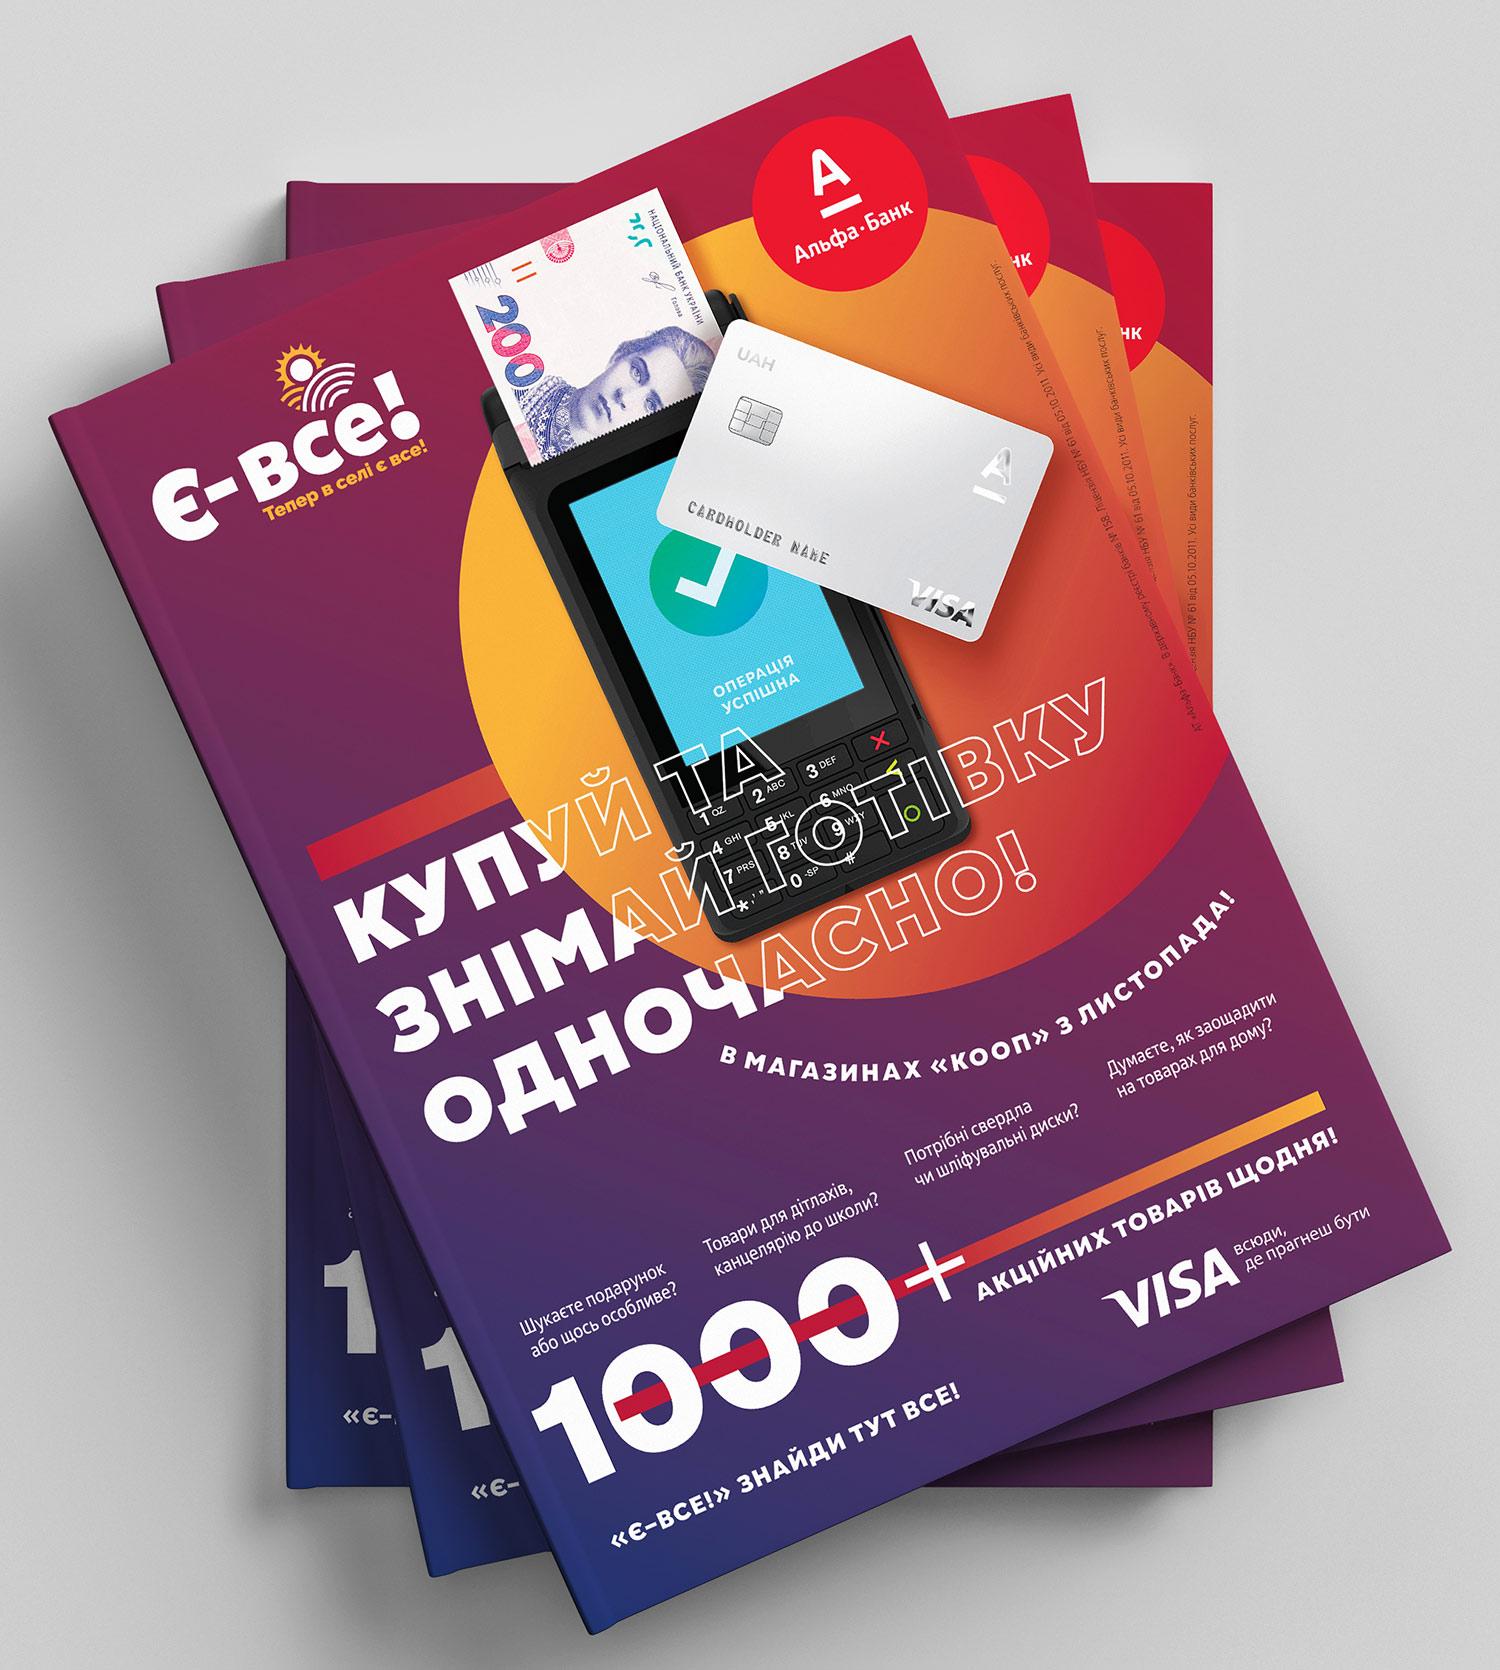 Дизайн обложки каталога «Є-все!» (Есть всё!). Каталог товаров и финансовых услуг. VISA и Альфа-Банк.